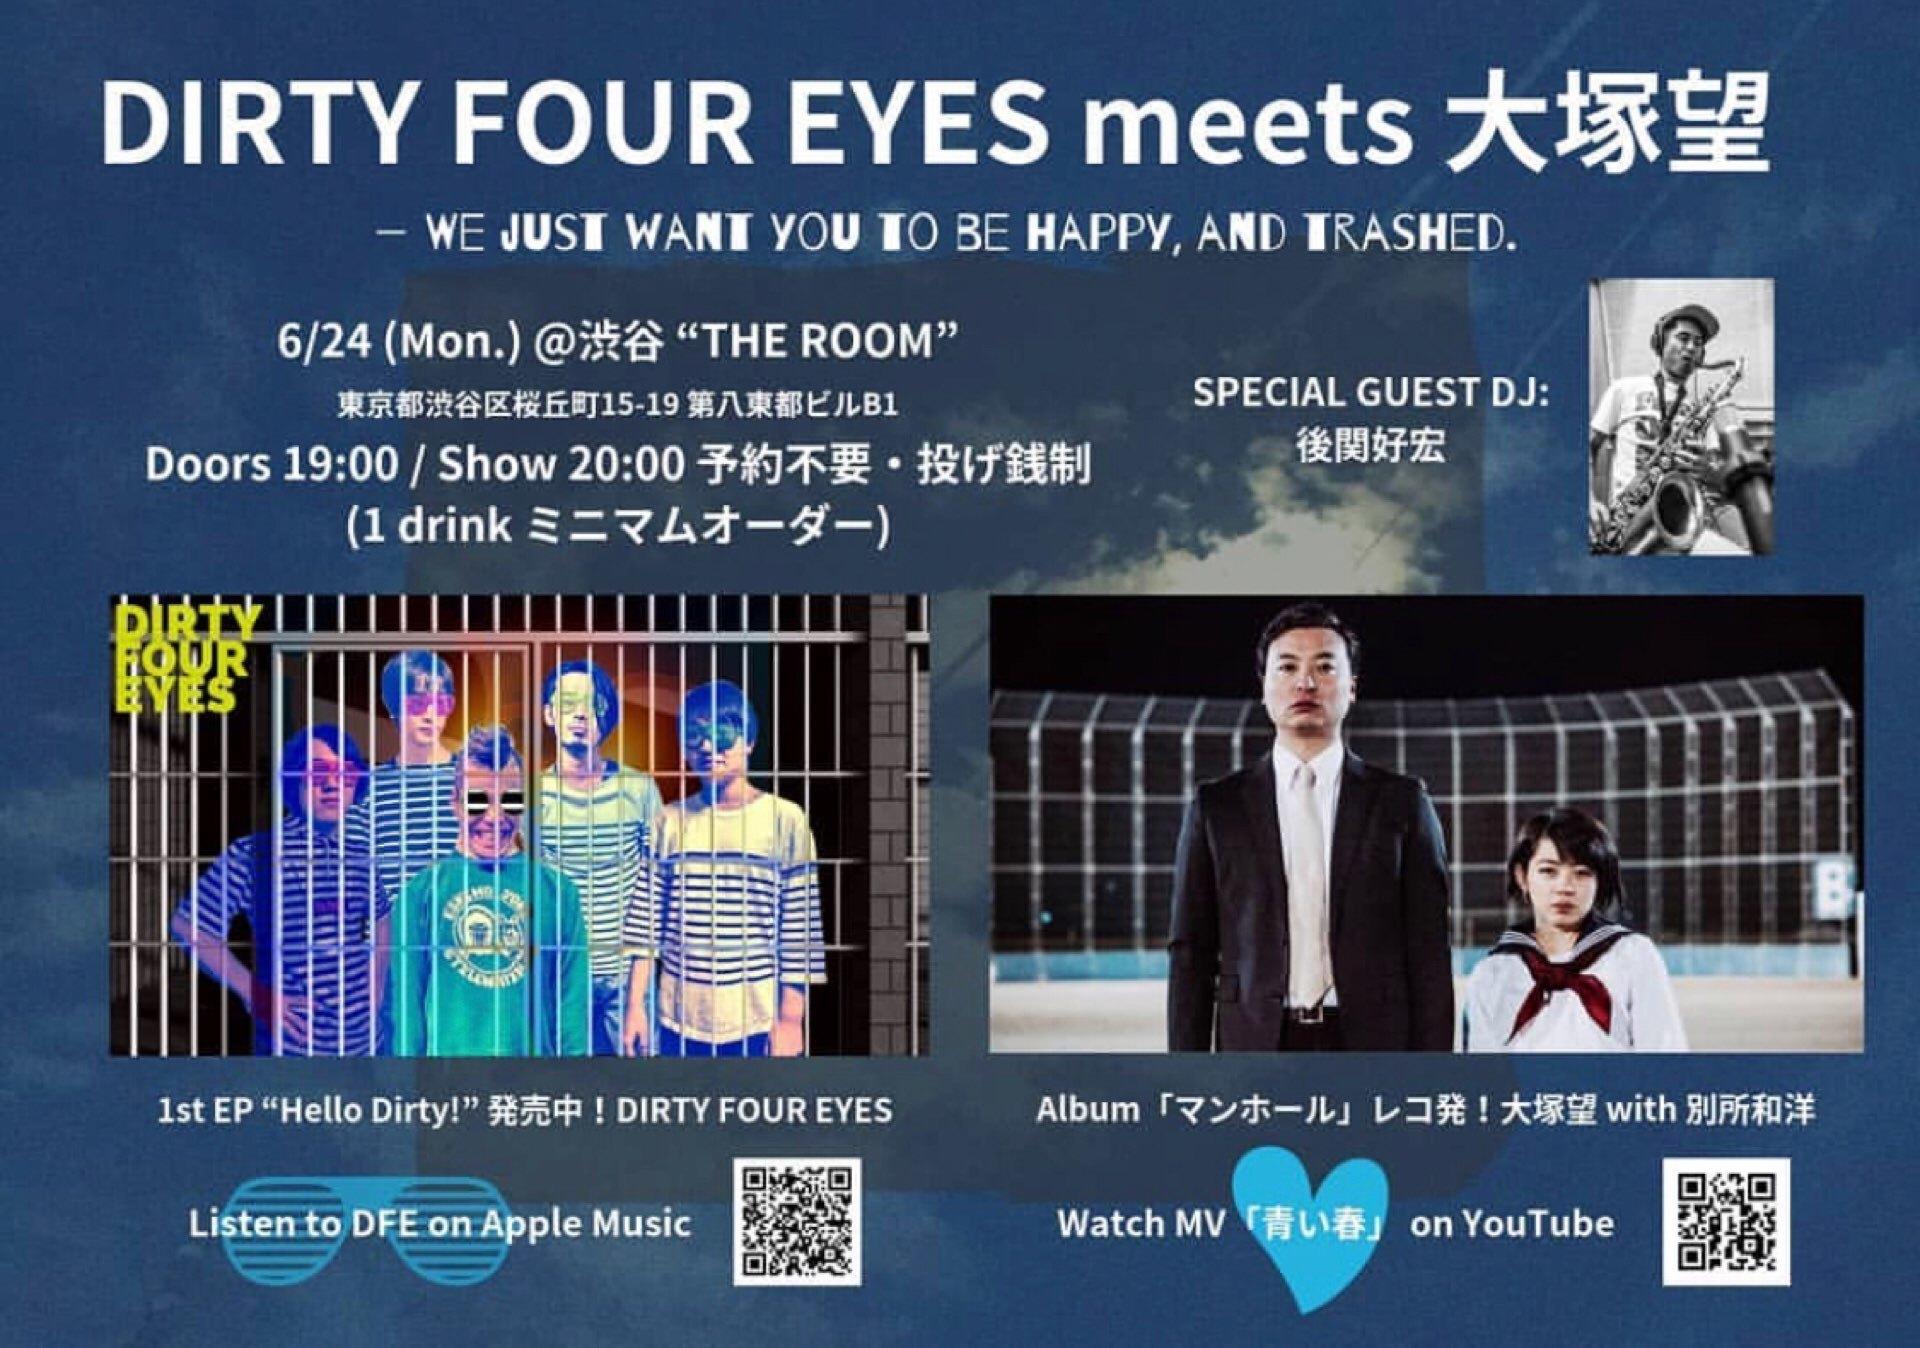 「Dirty Four Eyes」のイベントでDJ出演_e0230090_18021536.jpeg